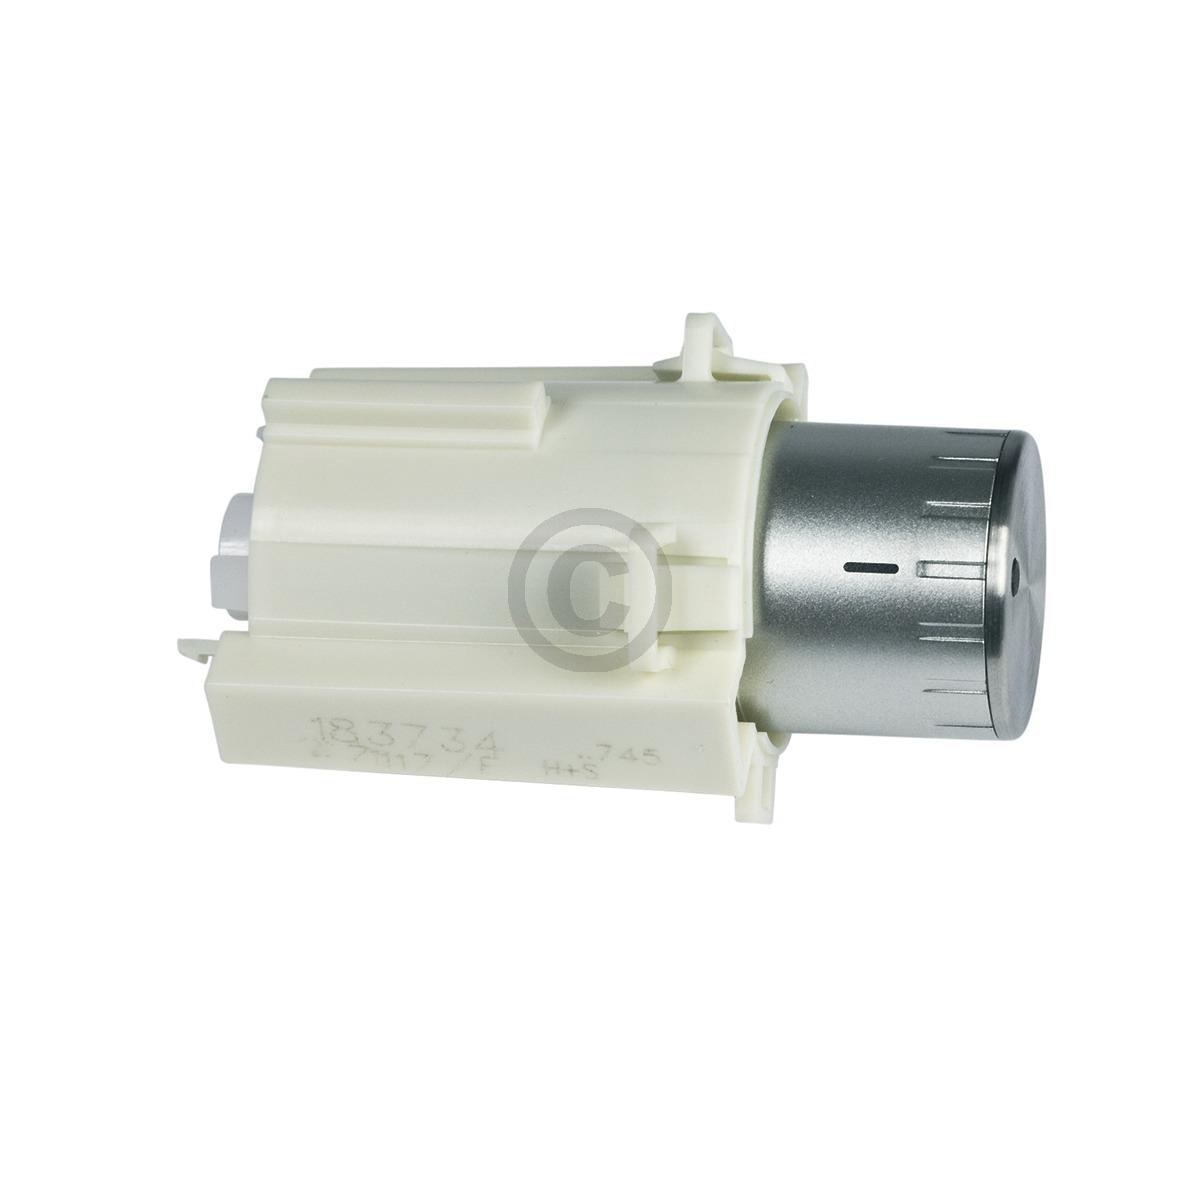 Knebel für Backofen Siemens 00611470 Drehgriff für Funktionen Temperaturen Herd